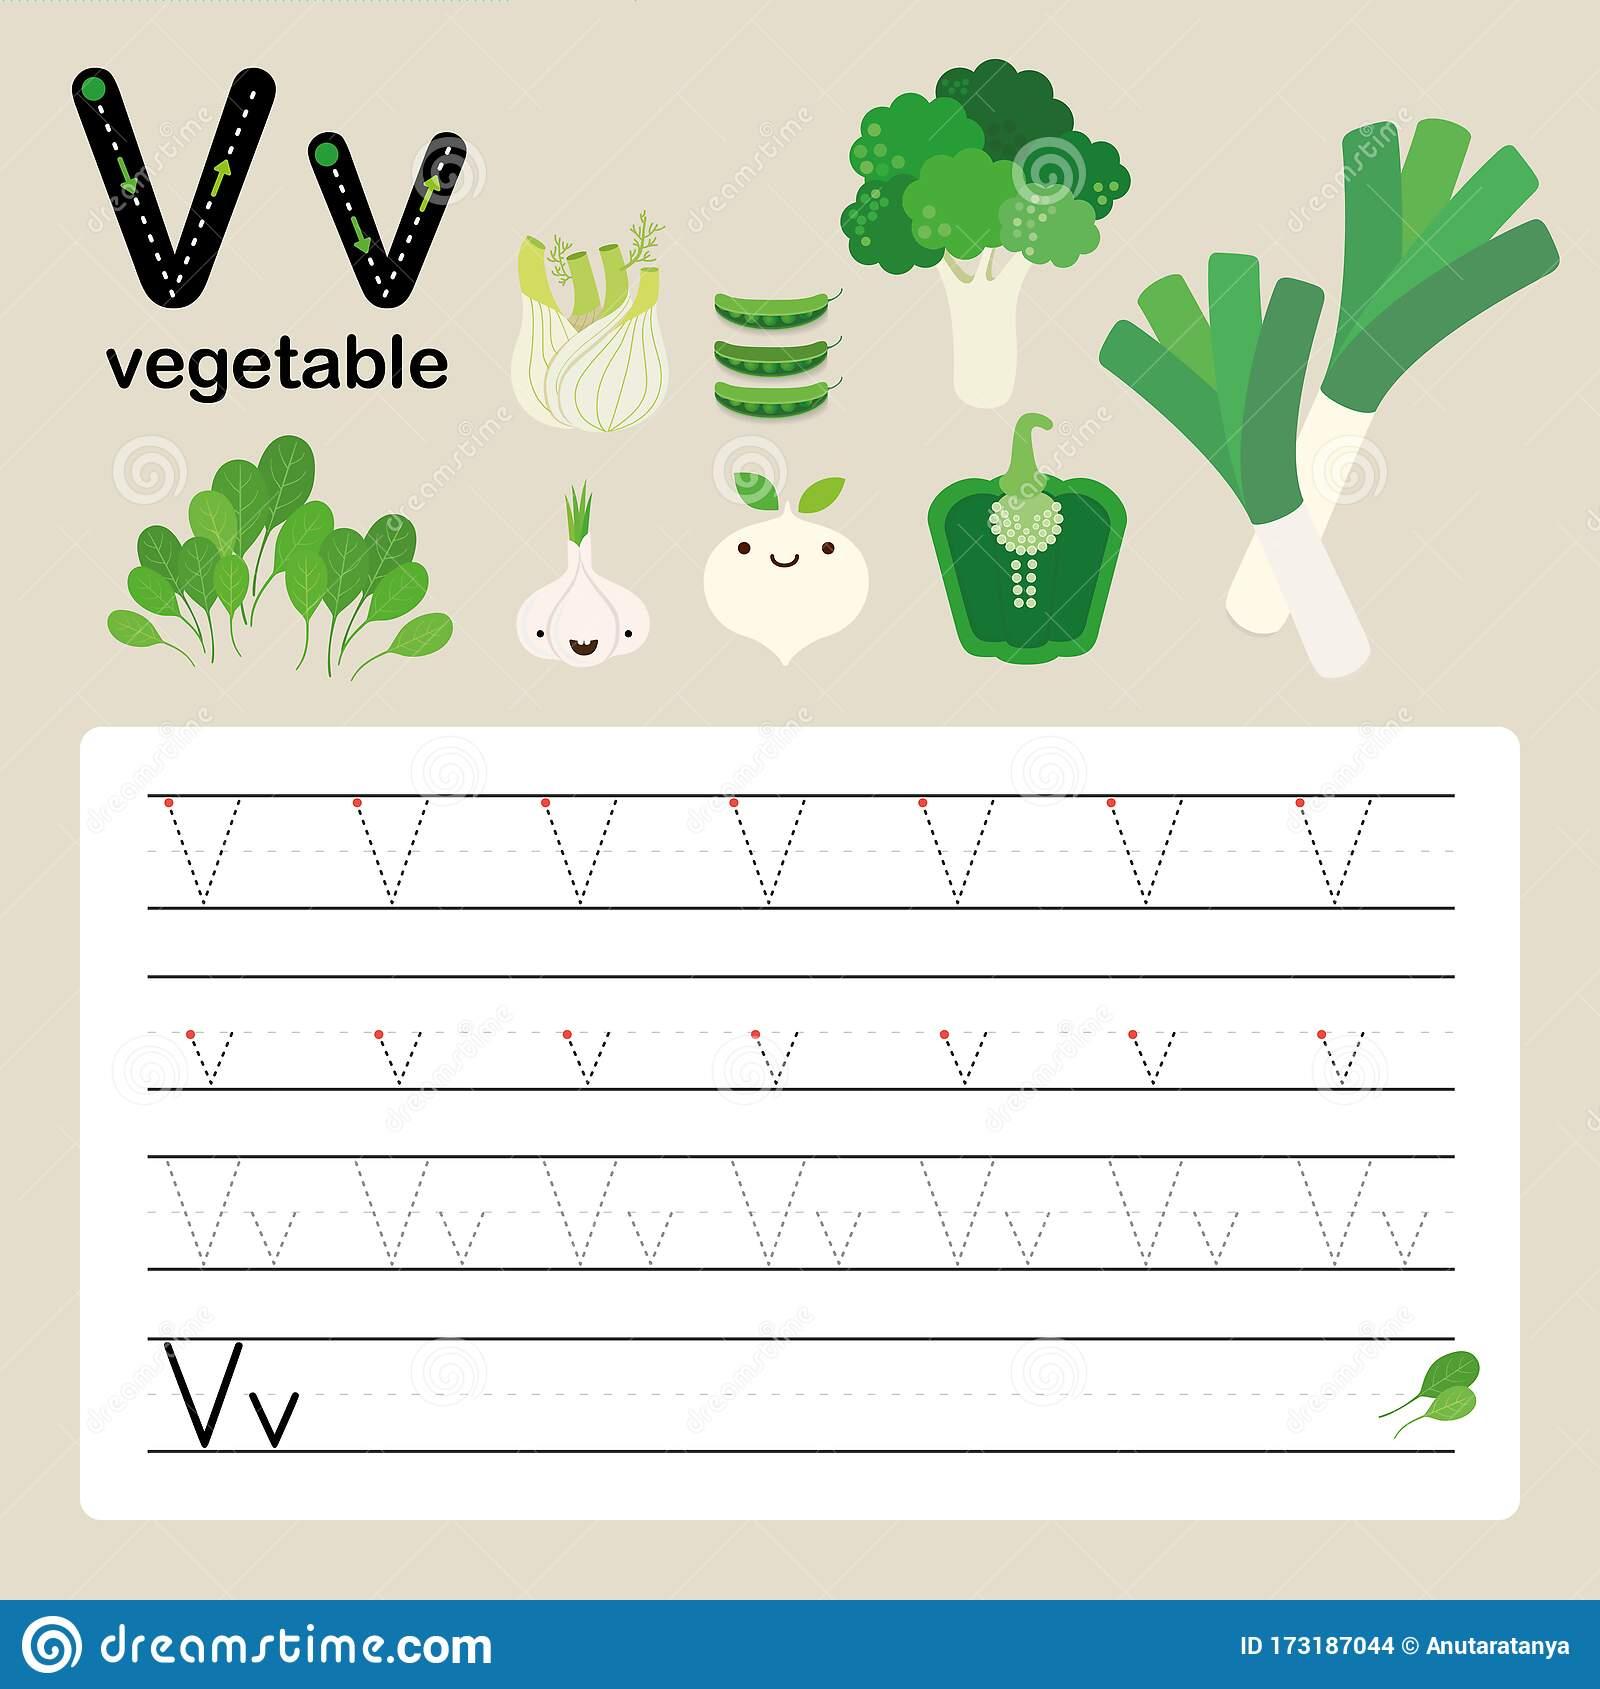 Alphabet Tracing Worksheet For Preschool And Kindergarten To